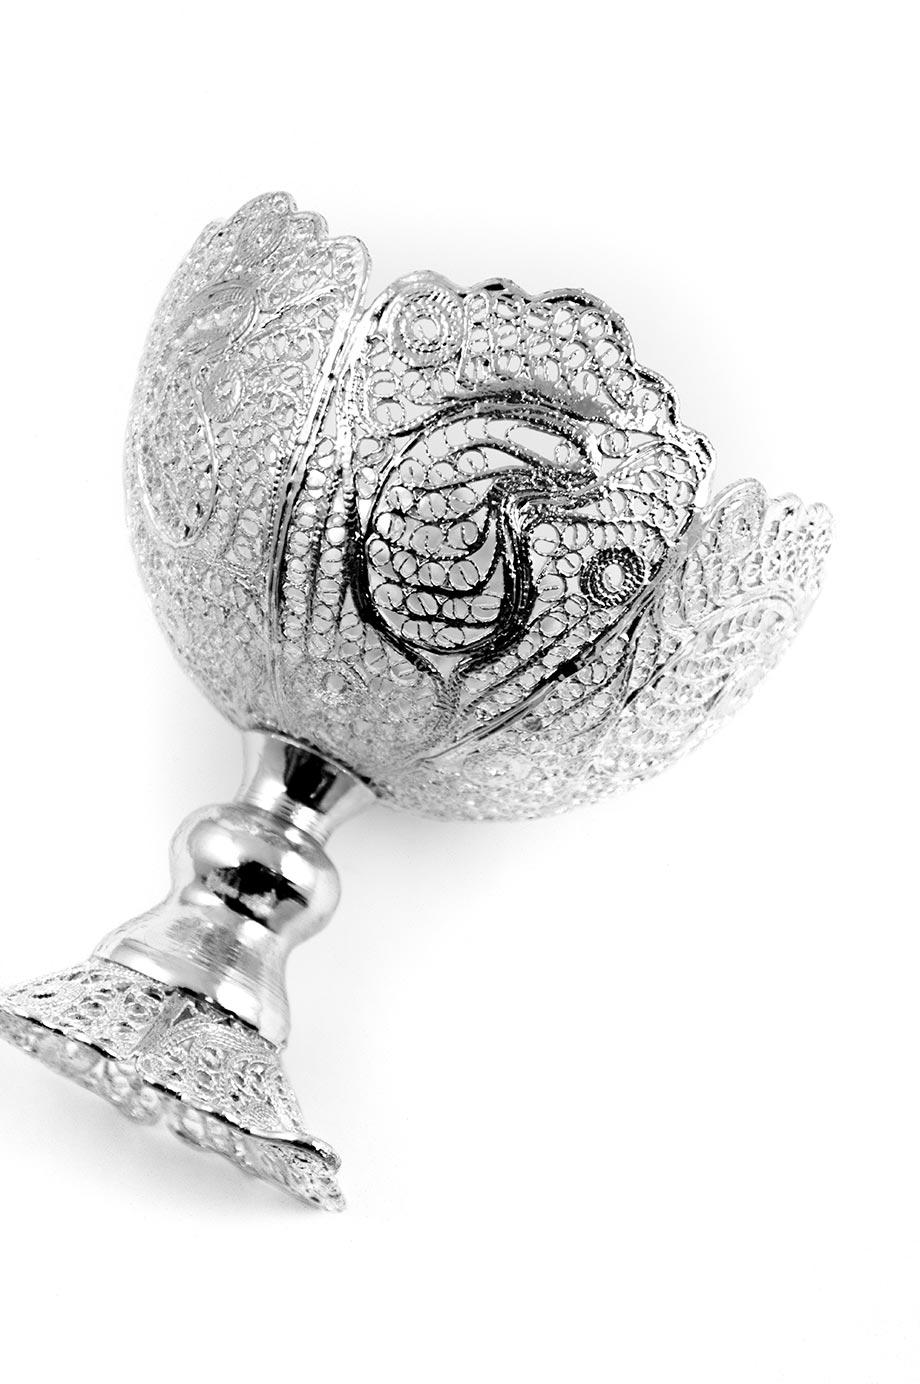 Petite bonbonnière en forme de calice